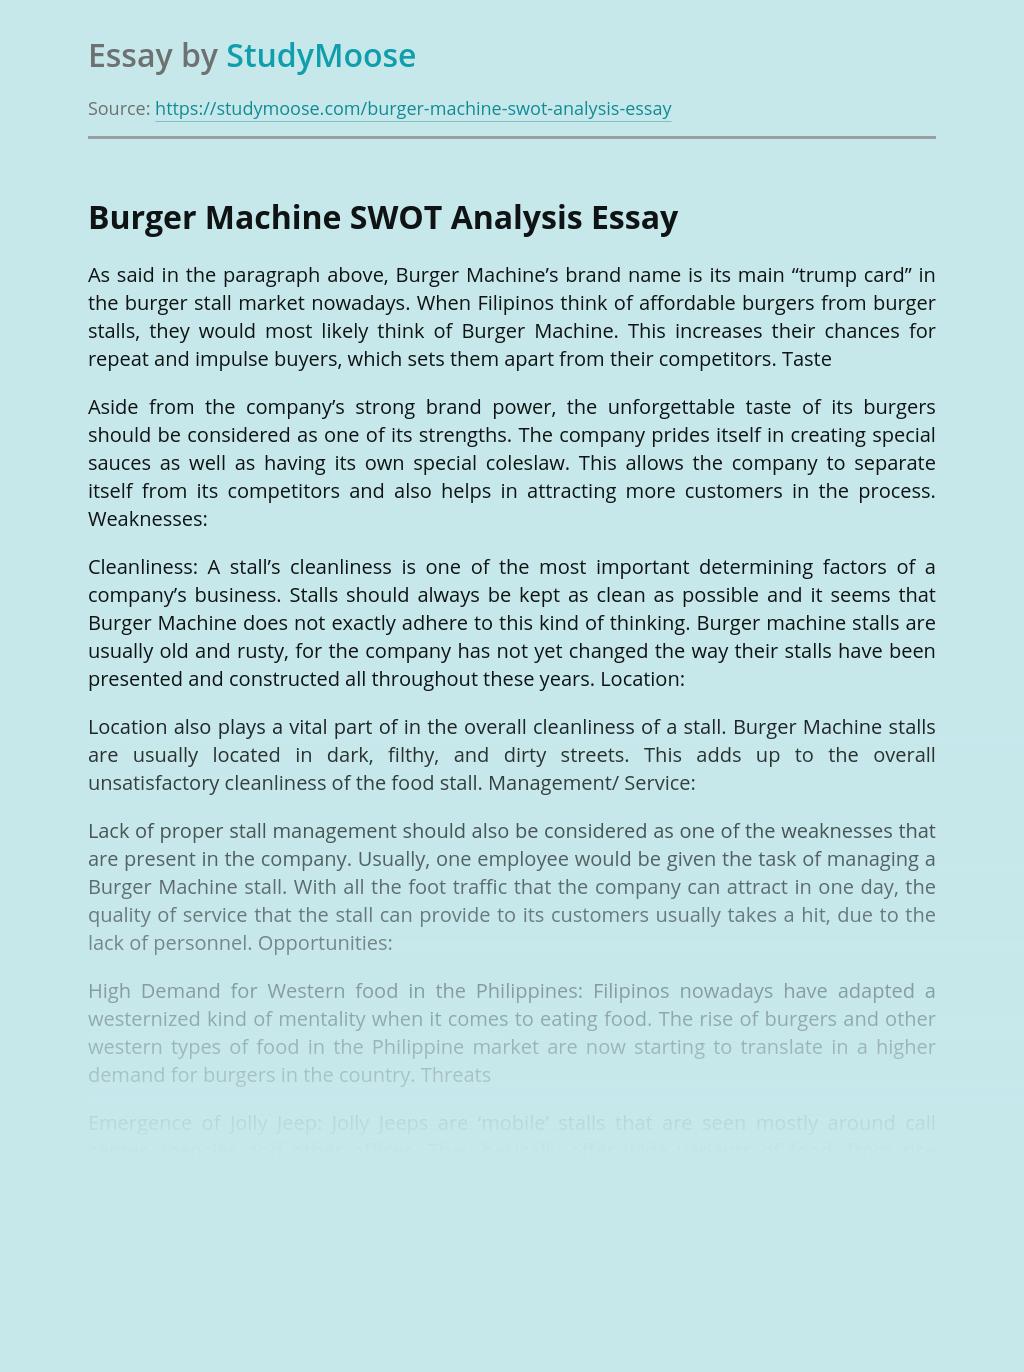 Burger Machine SWOT Analysis